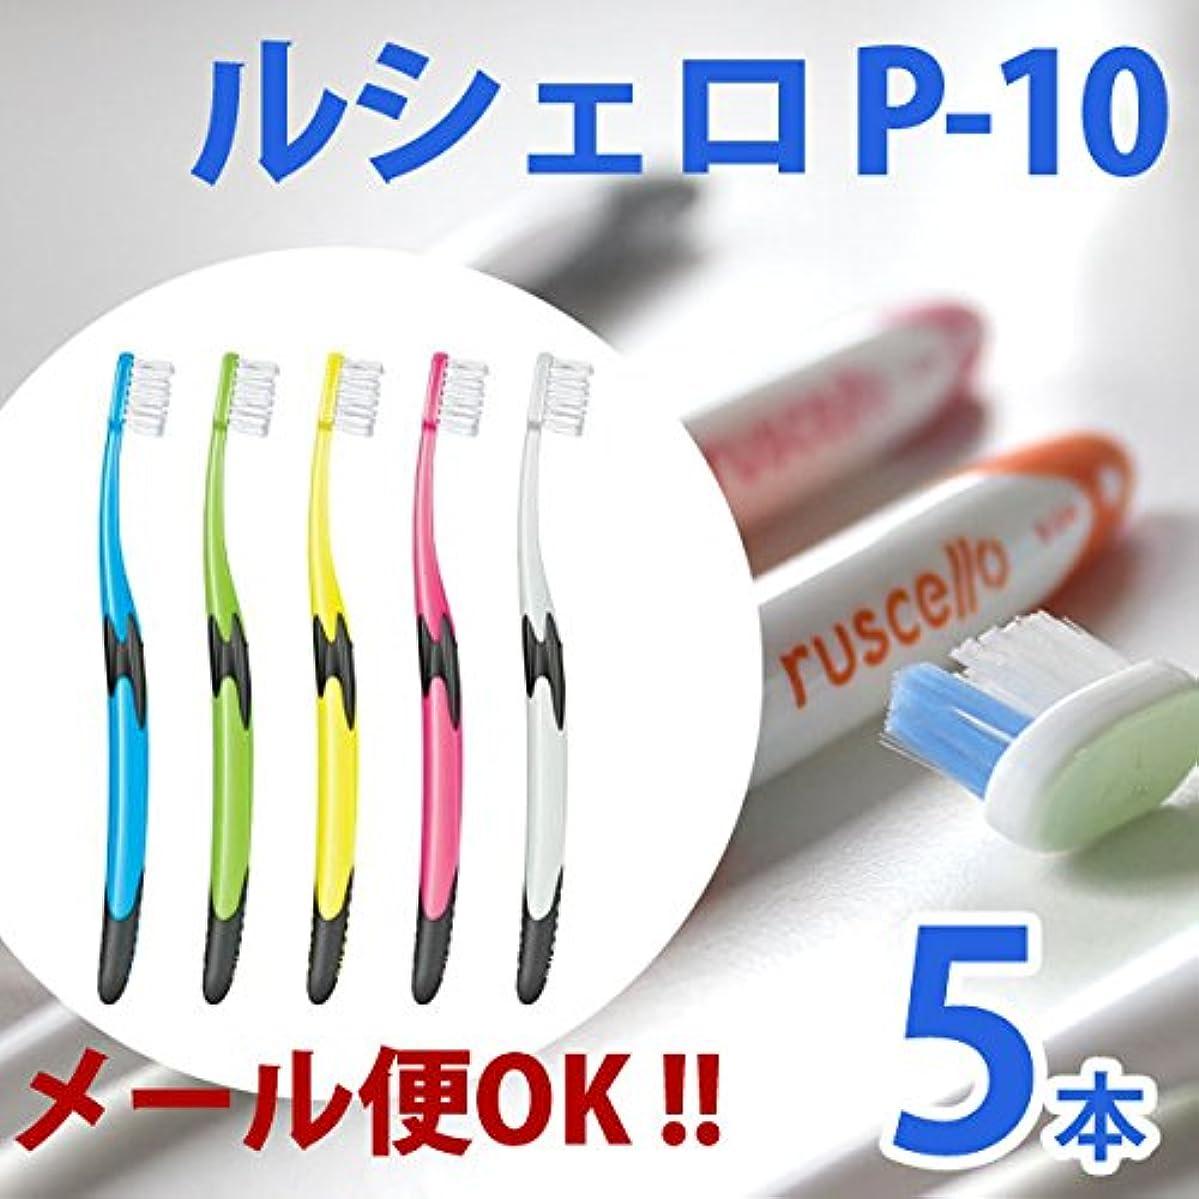 流用するグラマーメロドラマルシェロ GCシェロ 歯ブラシP-10 5色アソート 5本セット 歯周疾患の方向け。極細のテーパー毛が Sやわらかめ